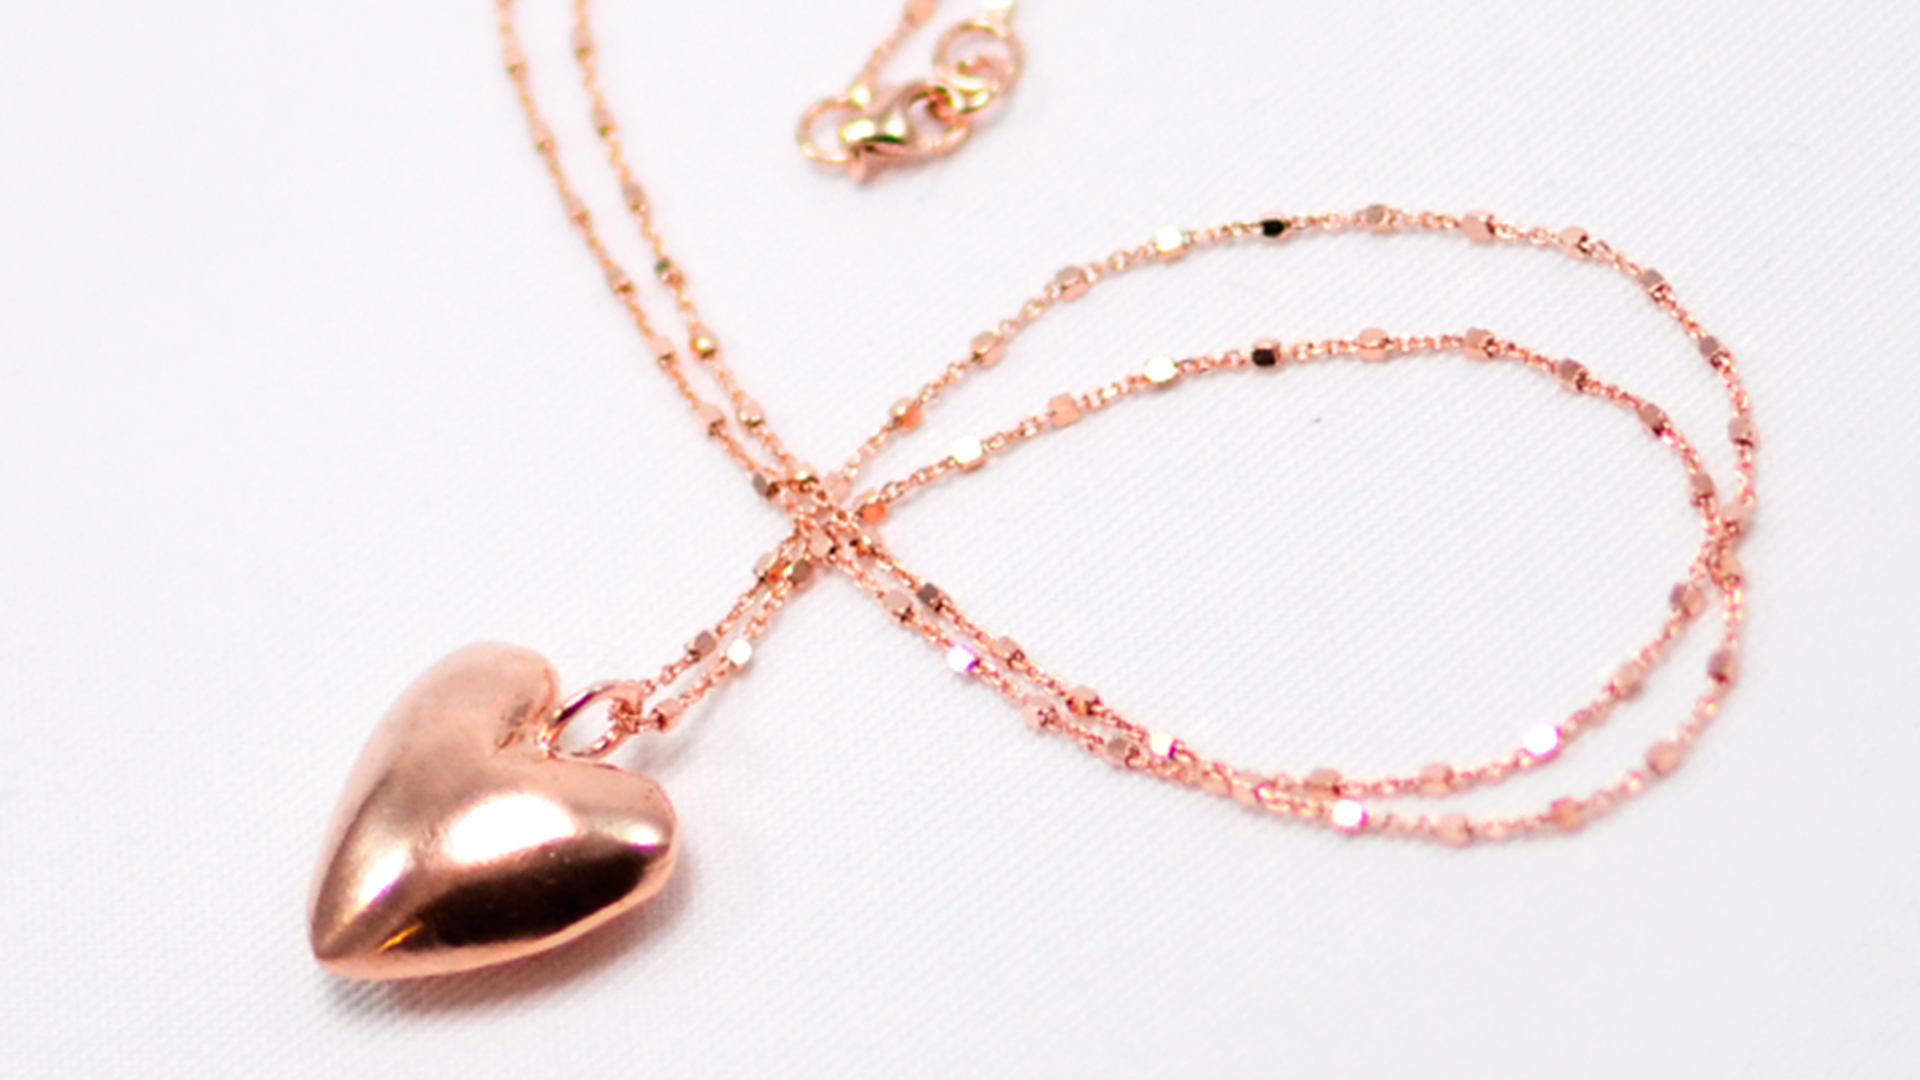 χειροποίητο κολιέ καρδιά ροζ χρυσό